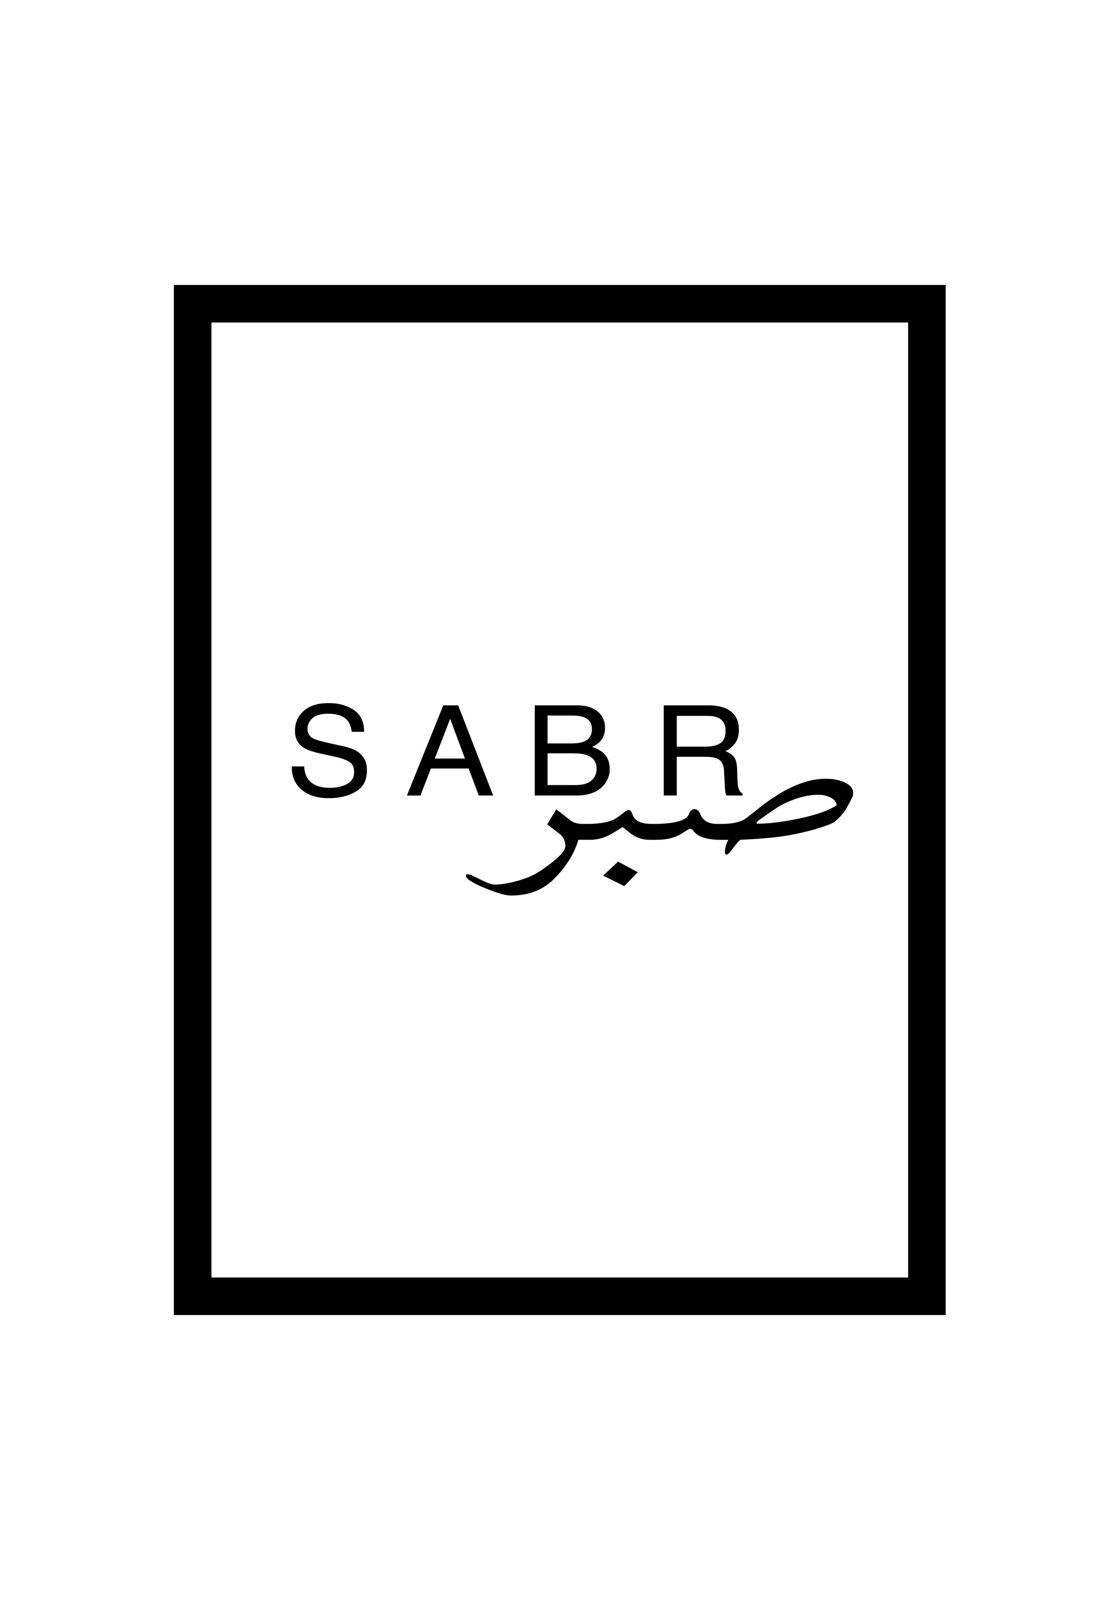 Sabr_opt